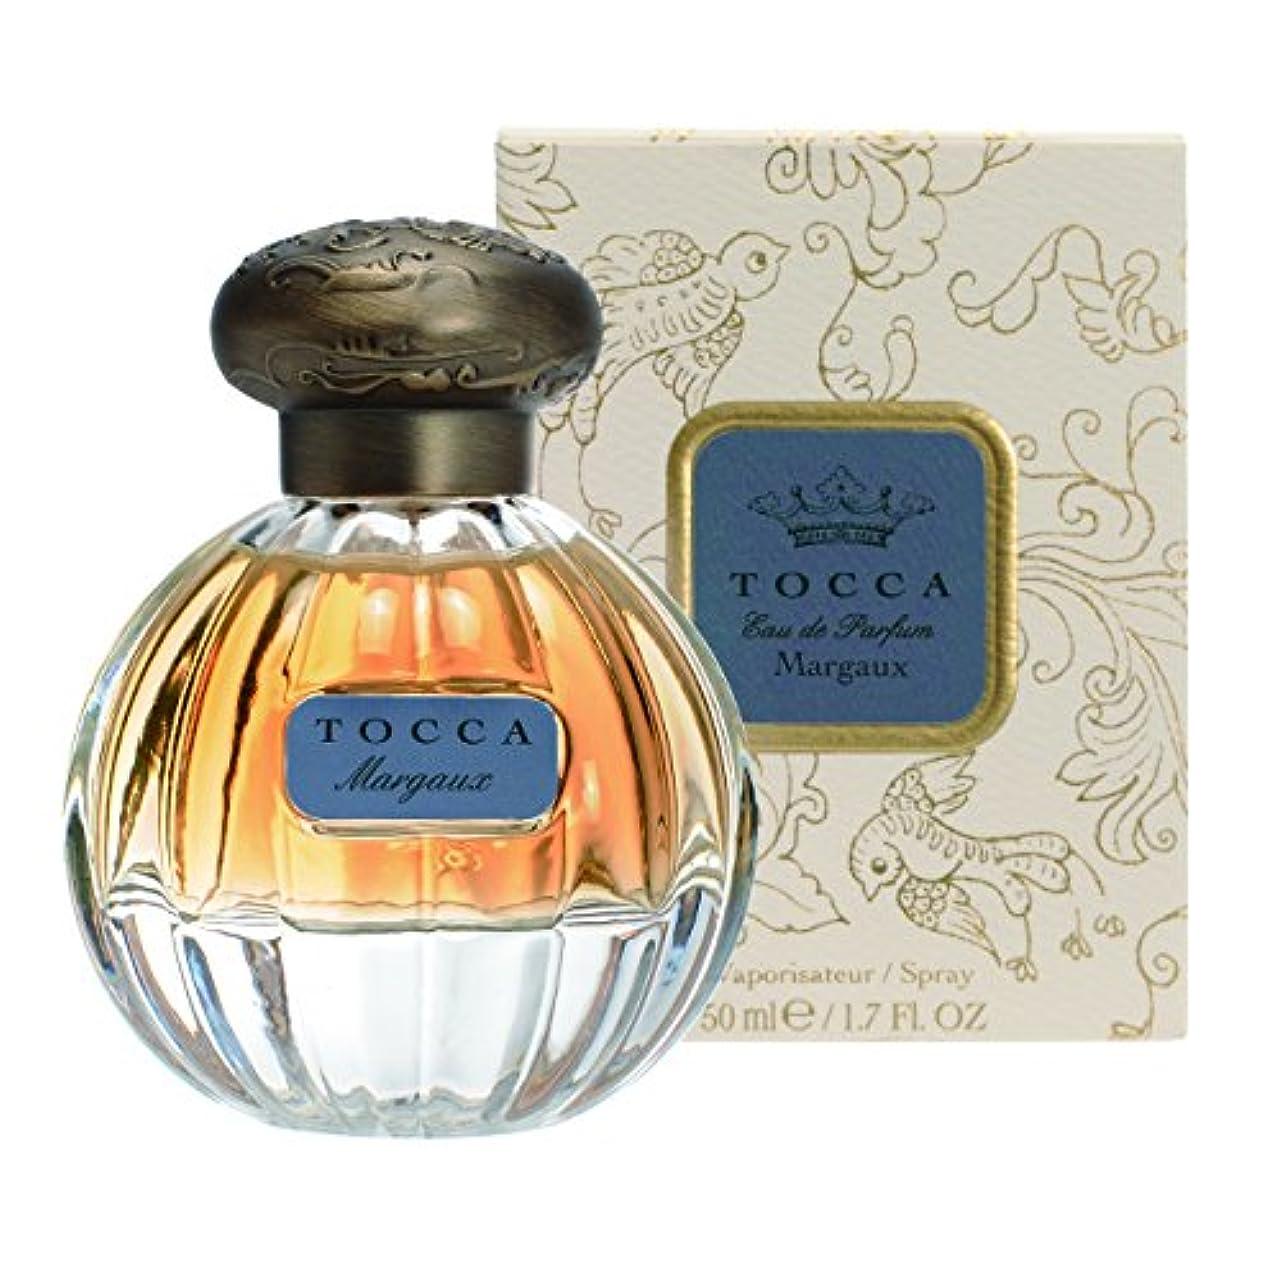 バースラグピュートッカ(TOCCA) オードパルファム マルゴーの香り 50ml(香水 永遠の愛を思わせるフローラルとカシミヤウッド、ムスクの甘い温かみにバニラのアクセントが加わった香り)